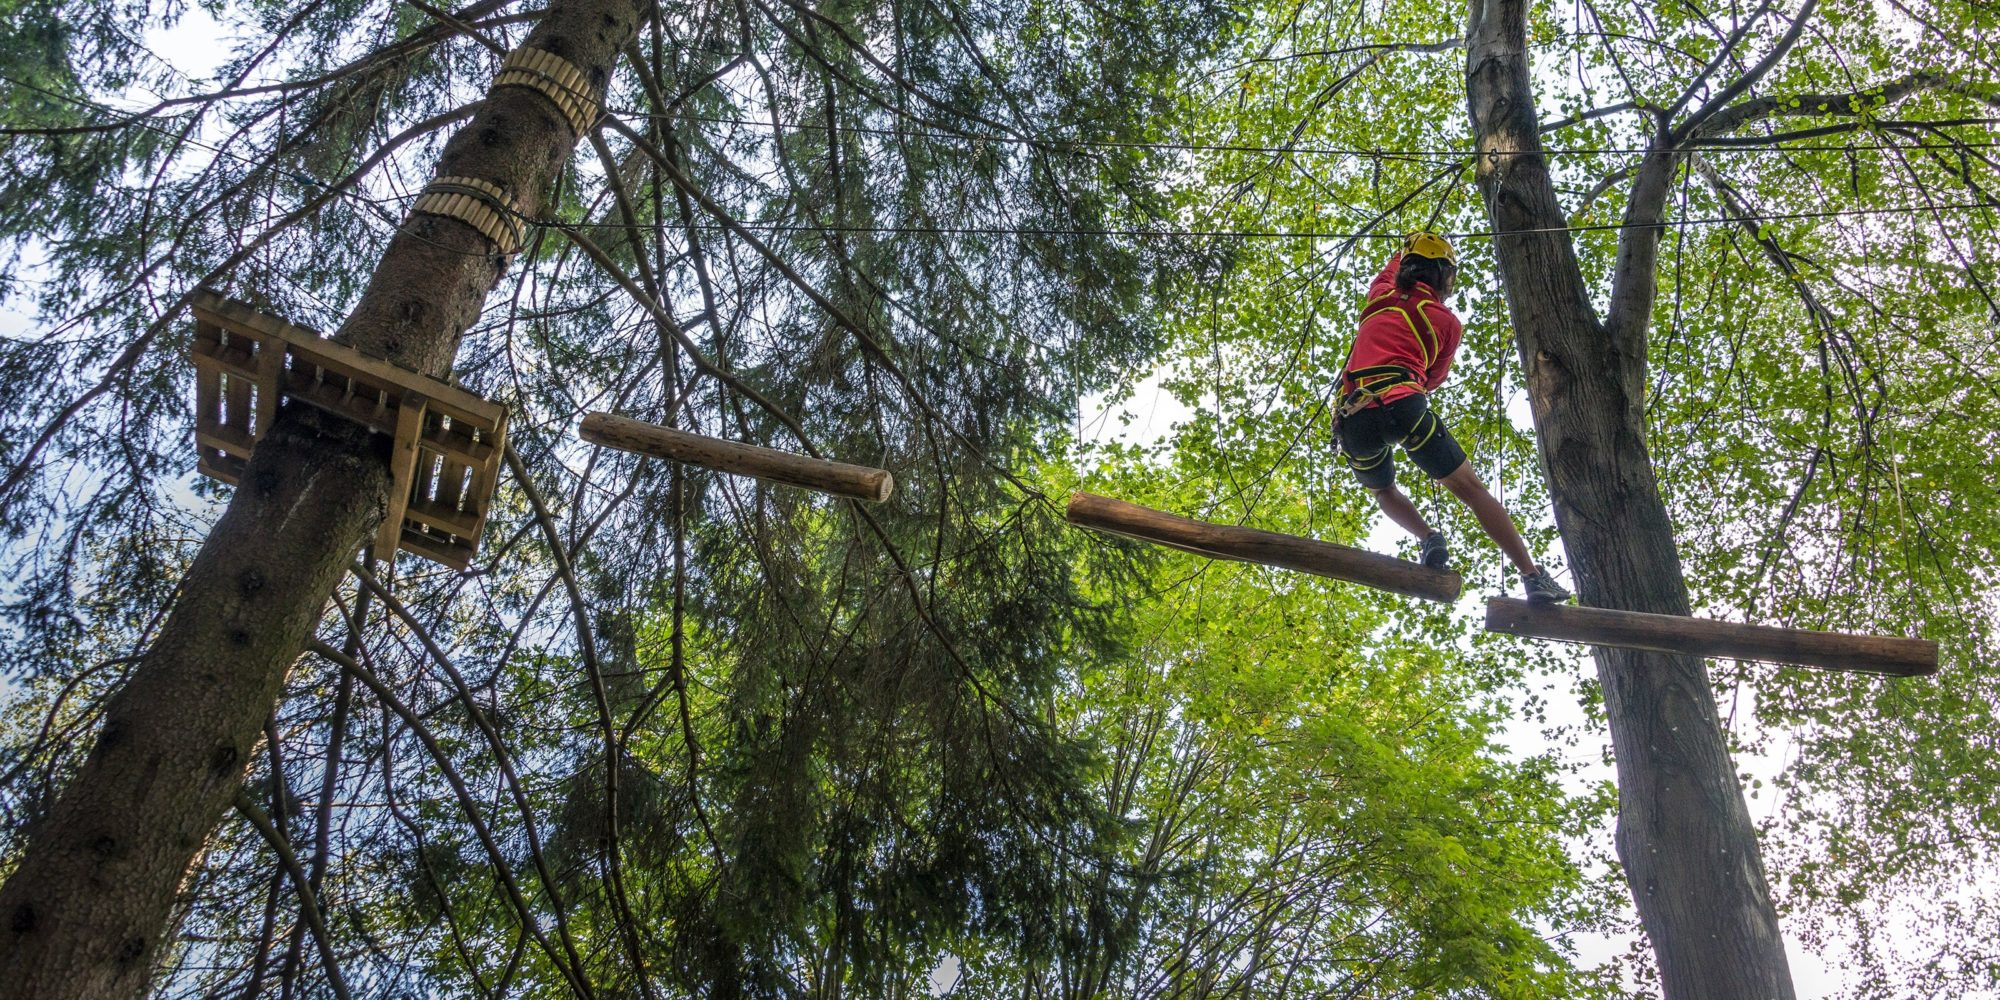 Avventurosi percorsi tra gli alberi al parco avventura di Civenna